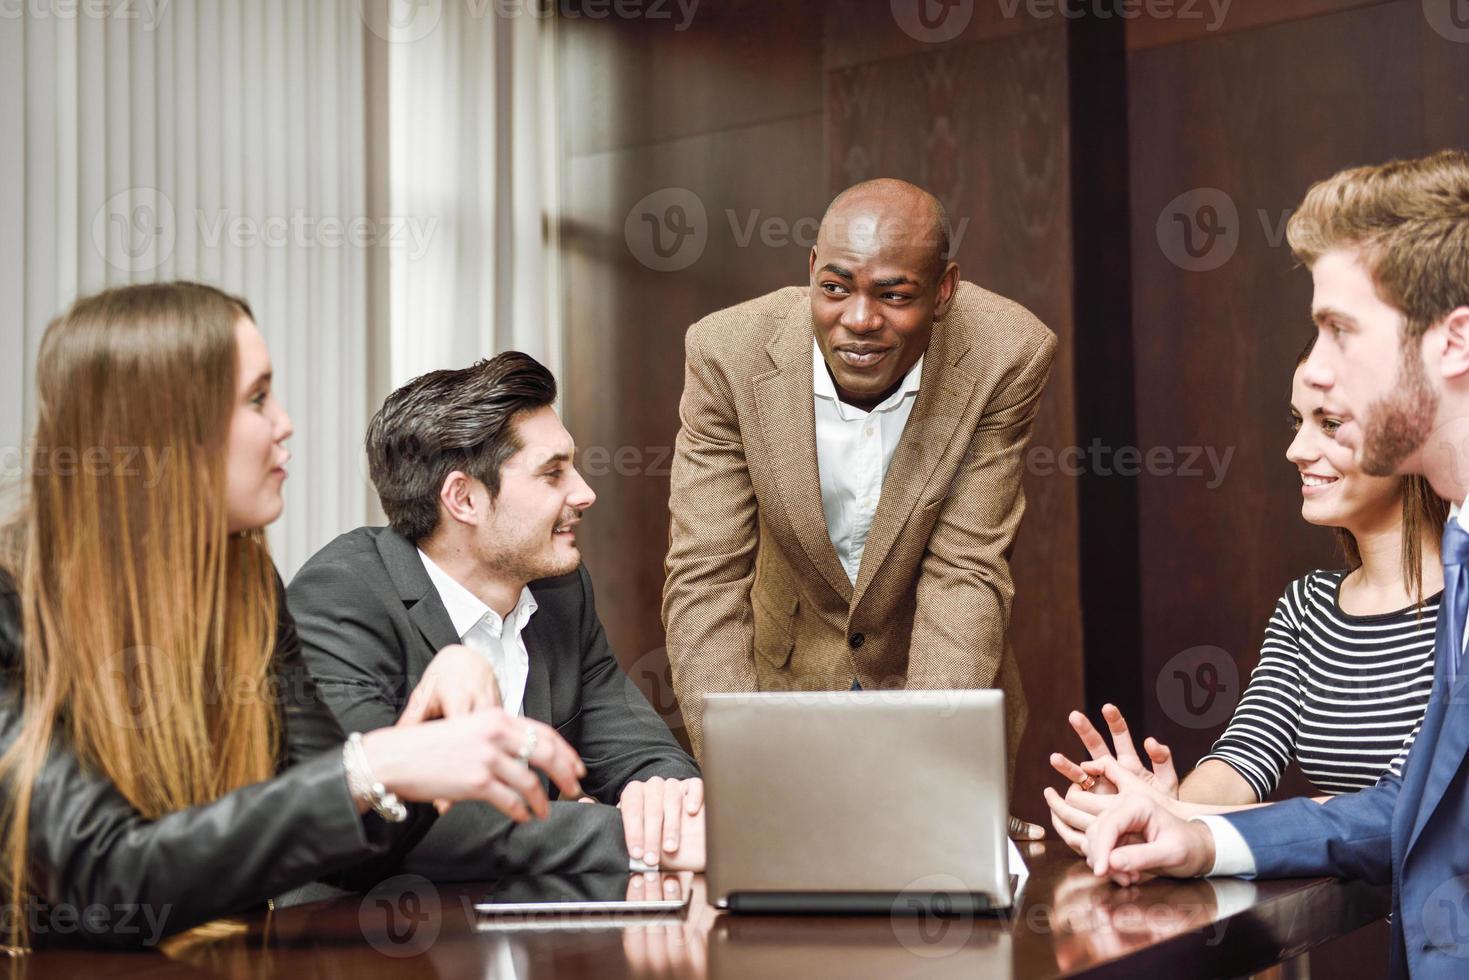 groupe, multiethnique, occupé, gens, fonctionnement, bureau photo